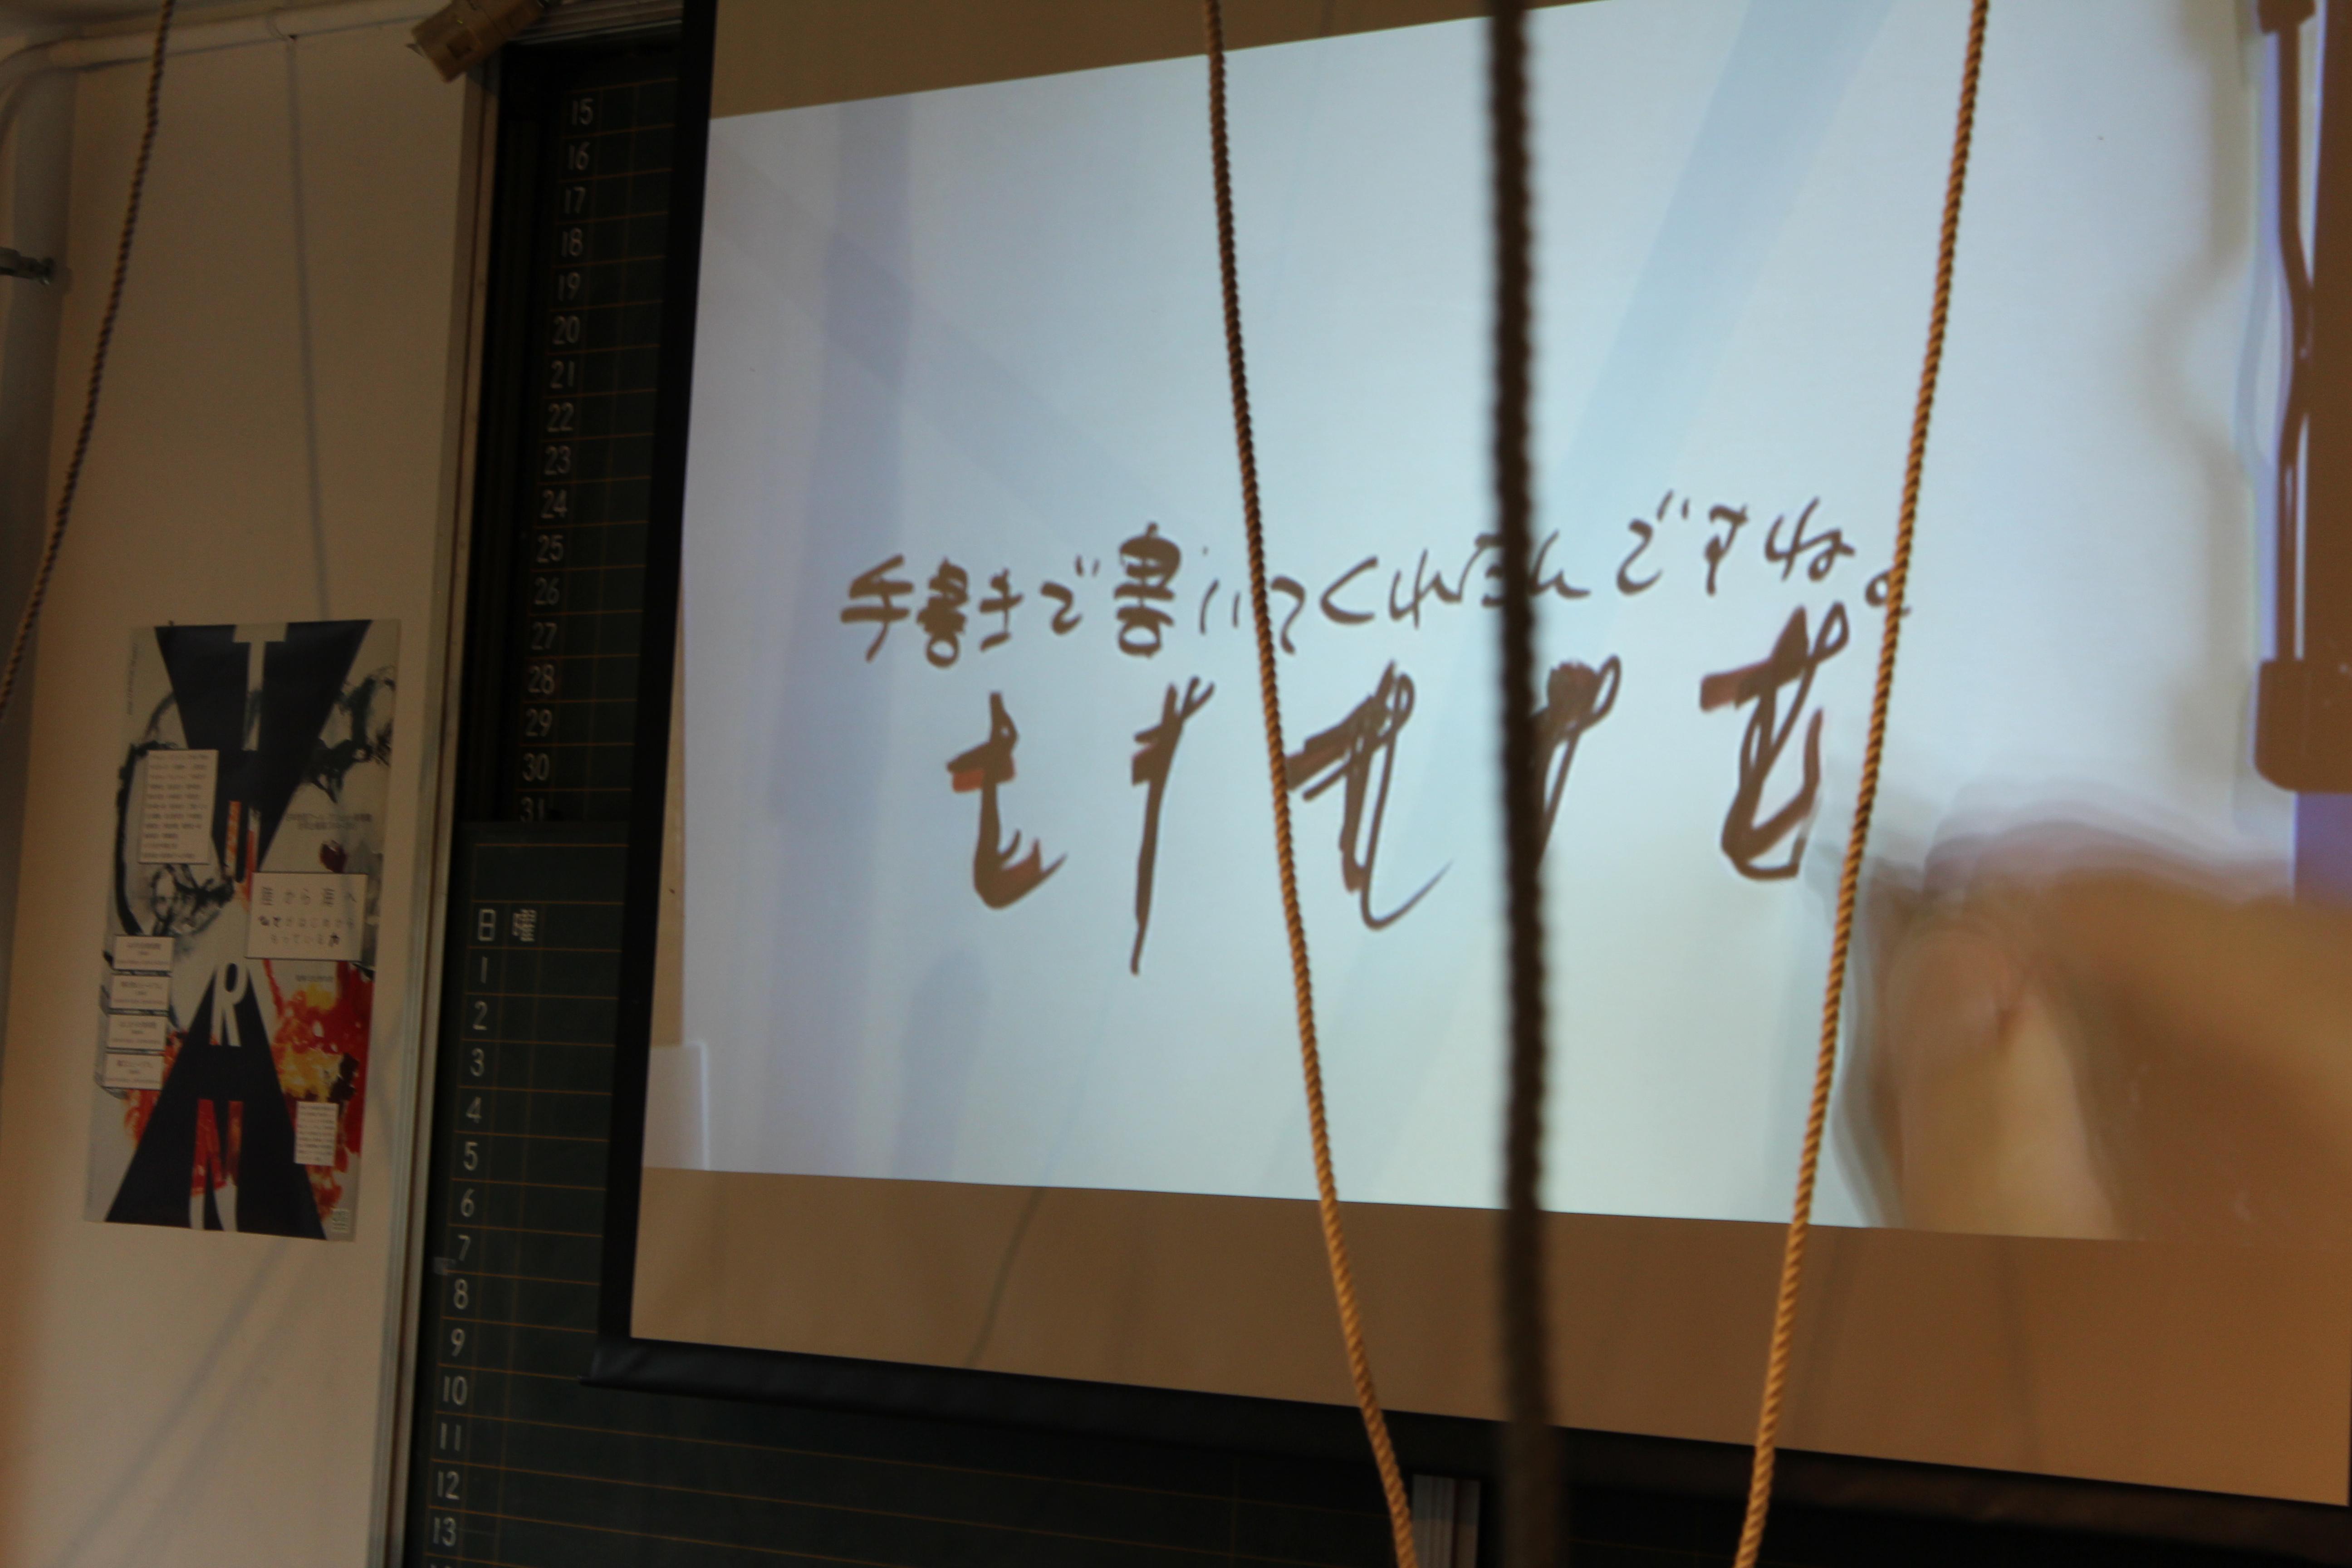 福村さんが名刺に書いた文字